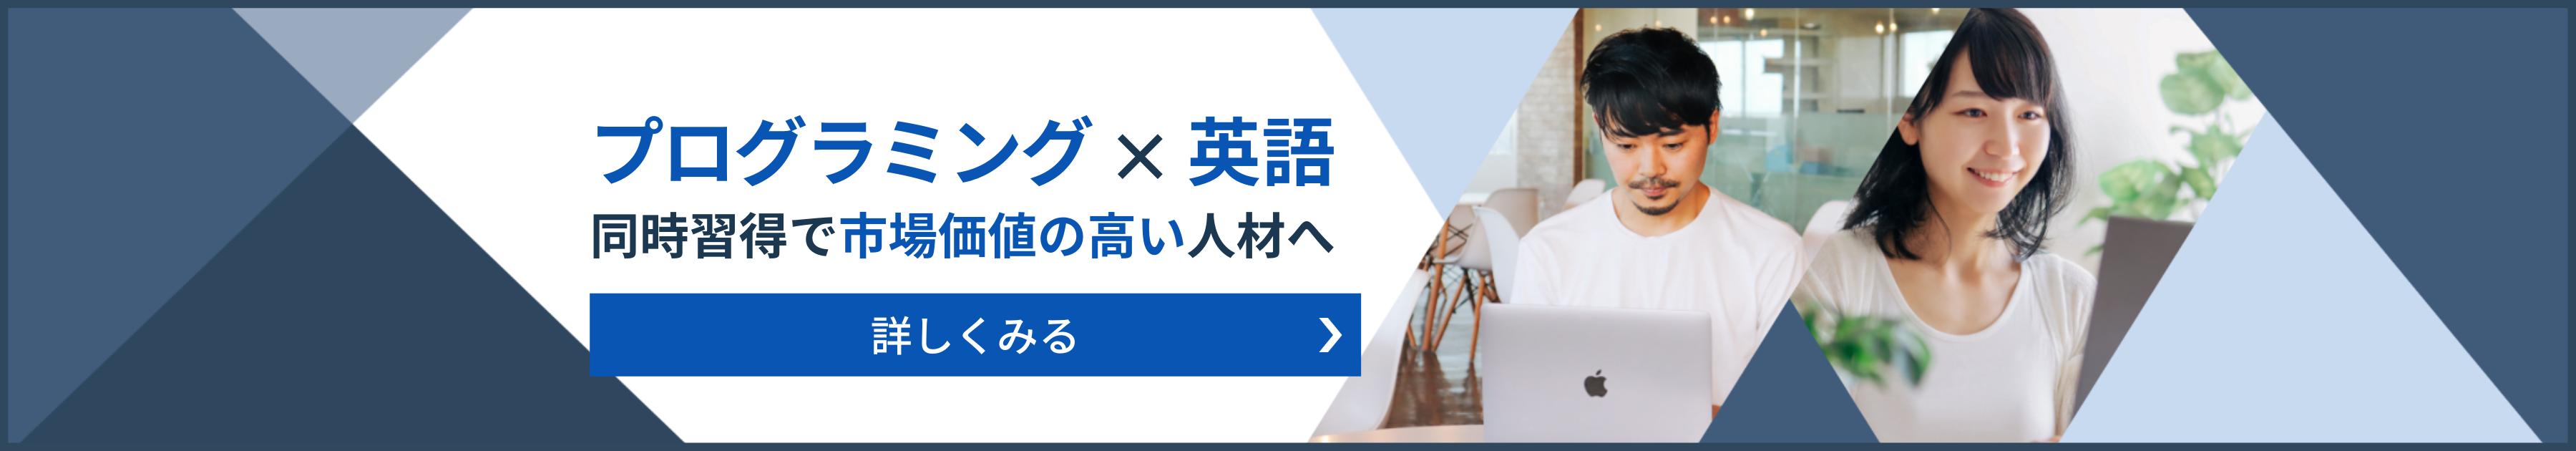 5月申し込み限定授業料半額 kredo it留学オンライン